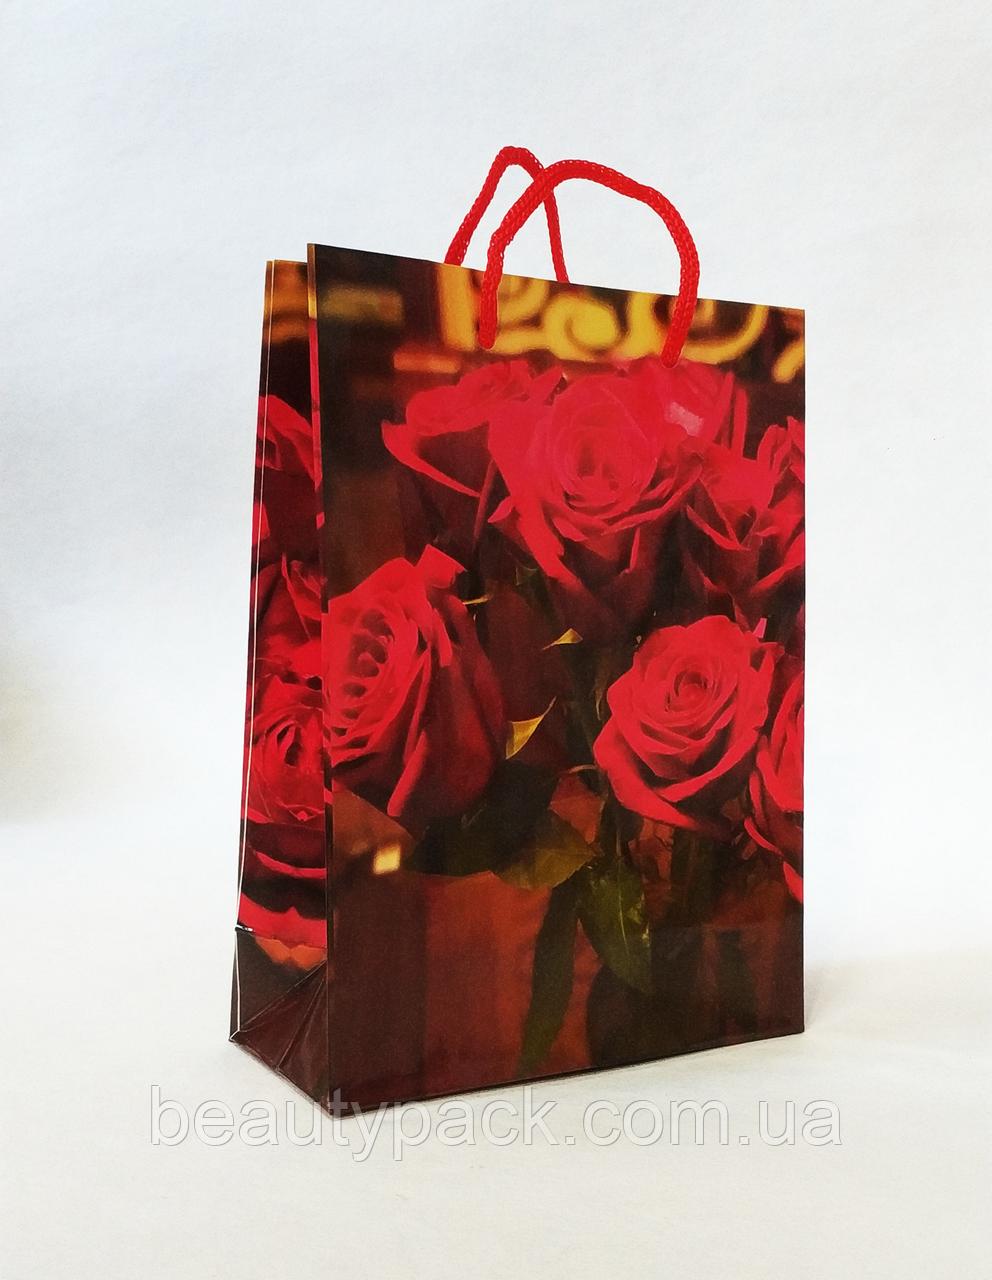 Бумажный подарочный пакет 12.5х17х5.5см / уп-12шт